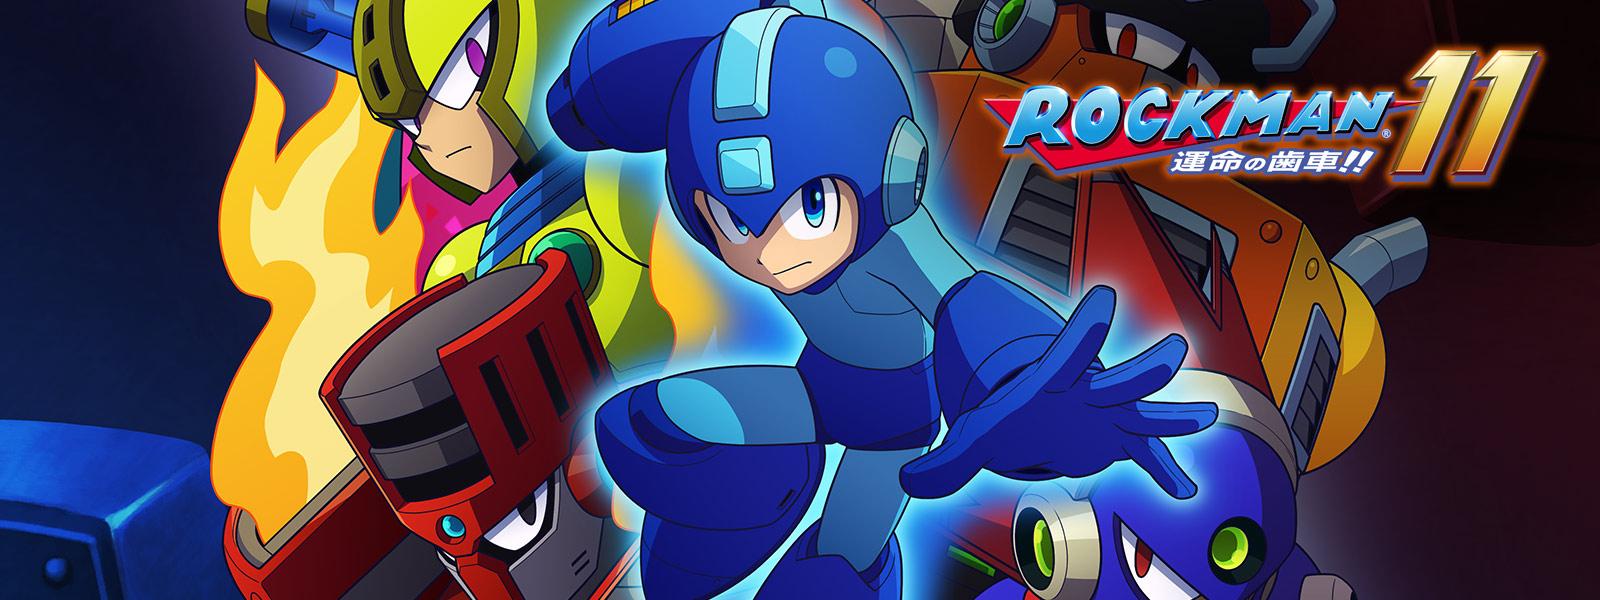 ロックマン 11、ロボットマスターズのコラージュを背景に、ロックマンがロックバスターを構えている